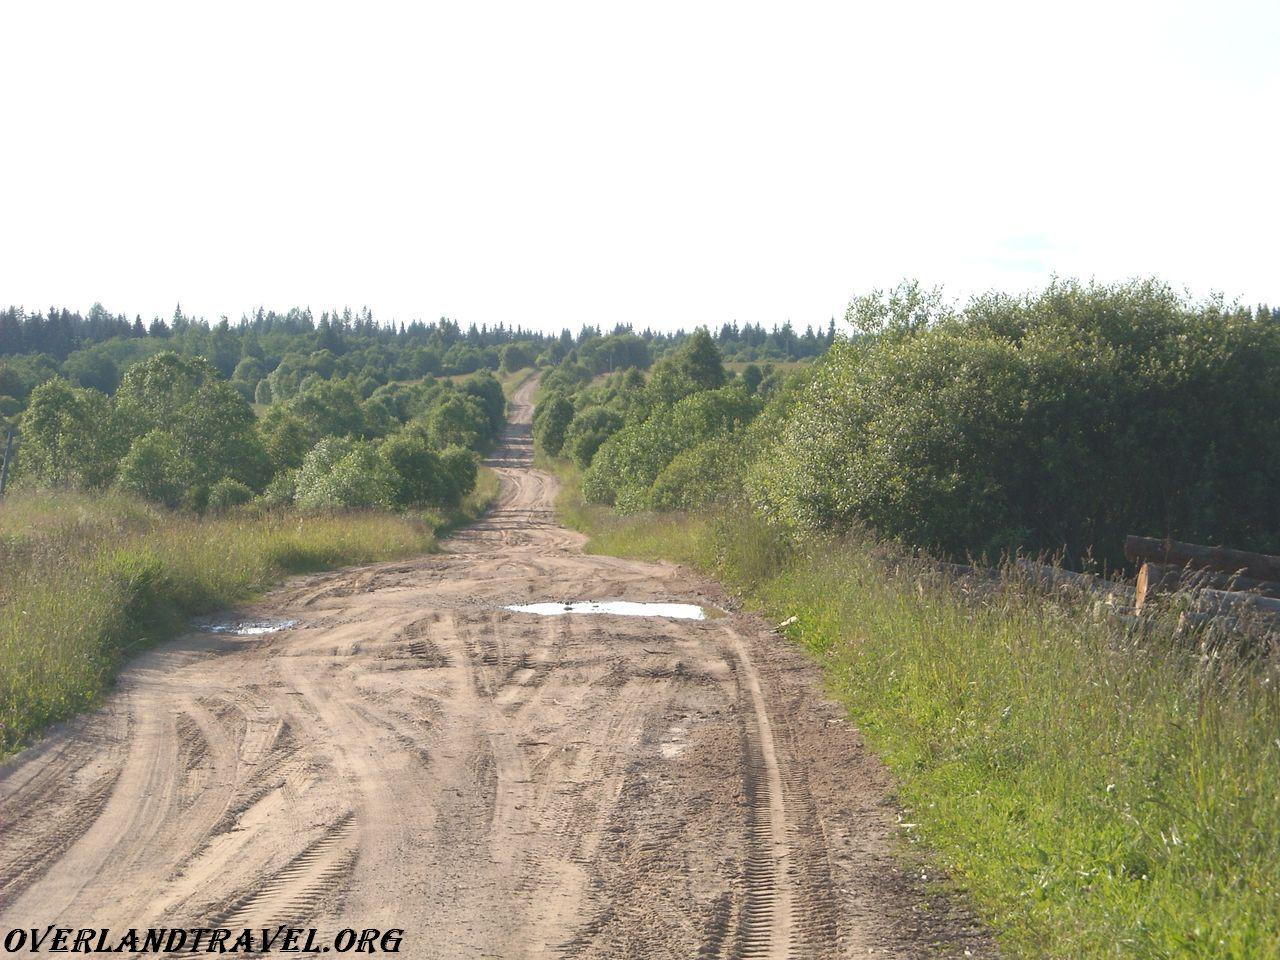 Russia, village of Shchuchye Ostashkov district of Tver region.